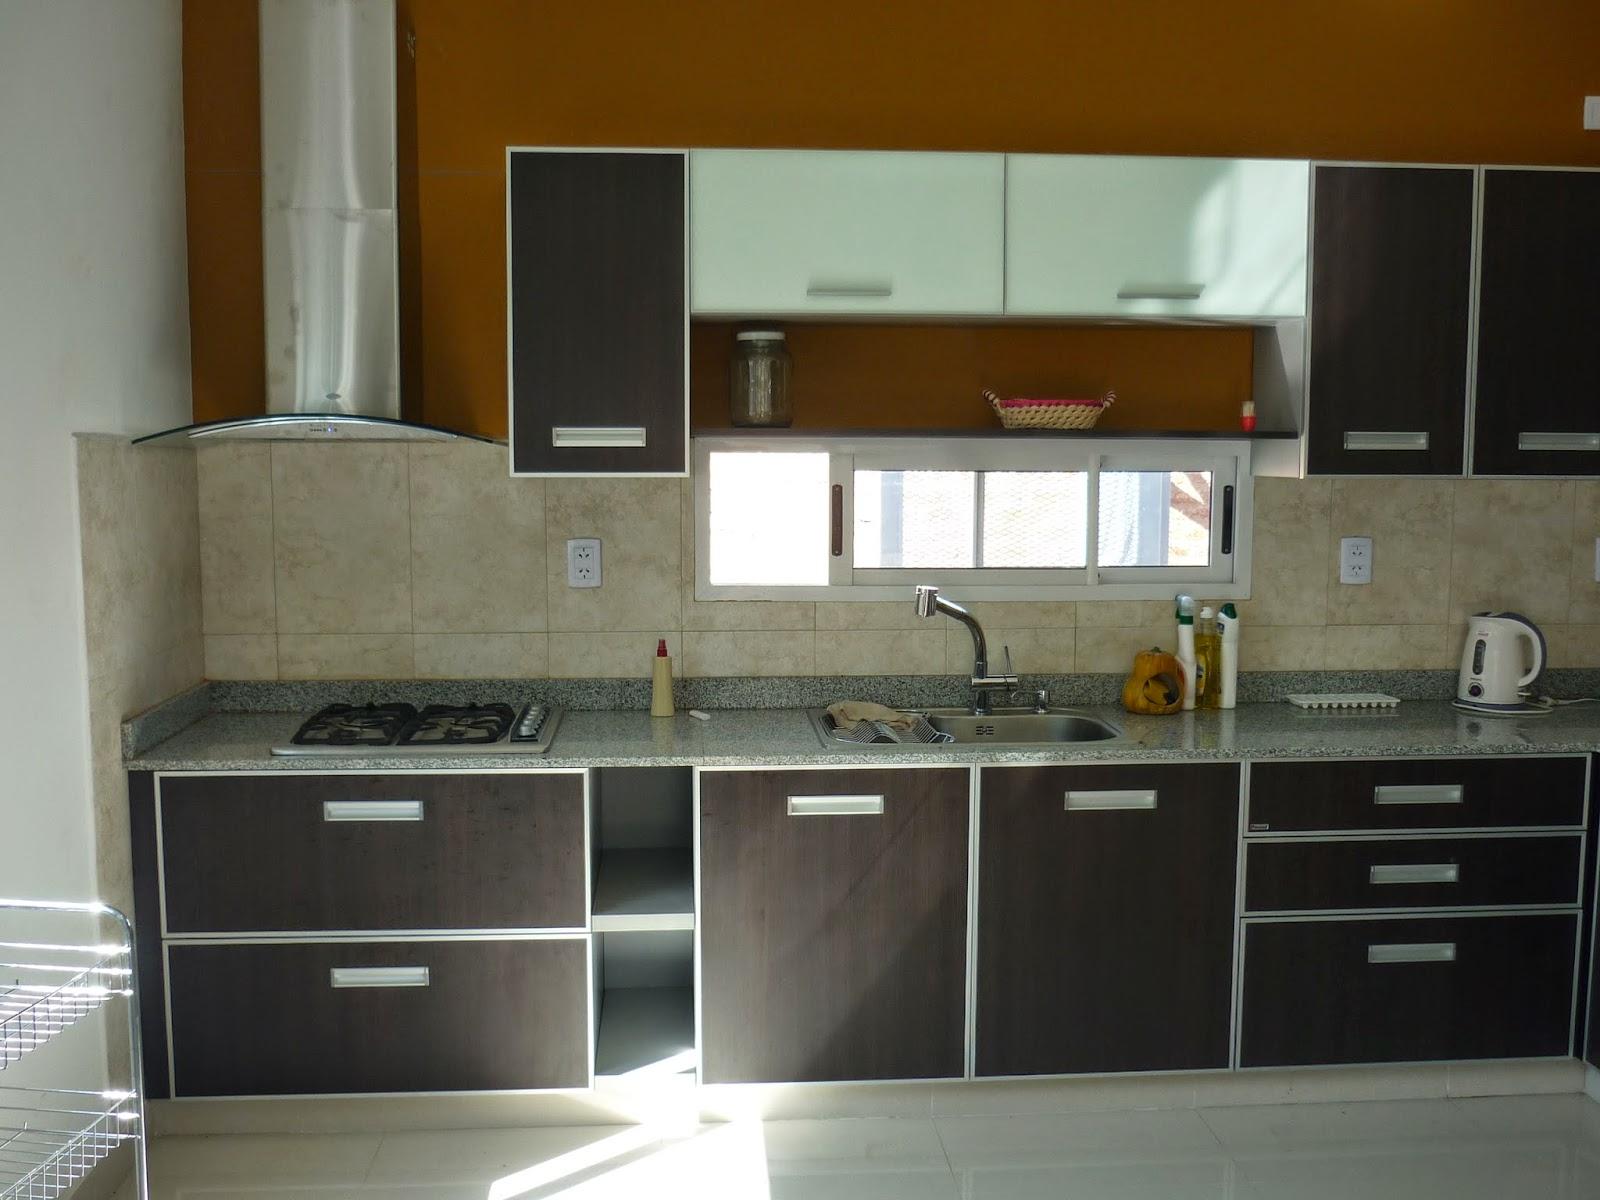 Casa presisso cocina lista para usar for Cajoneras cocina